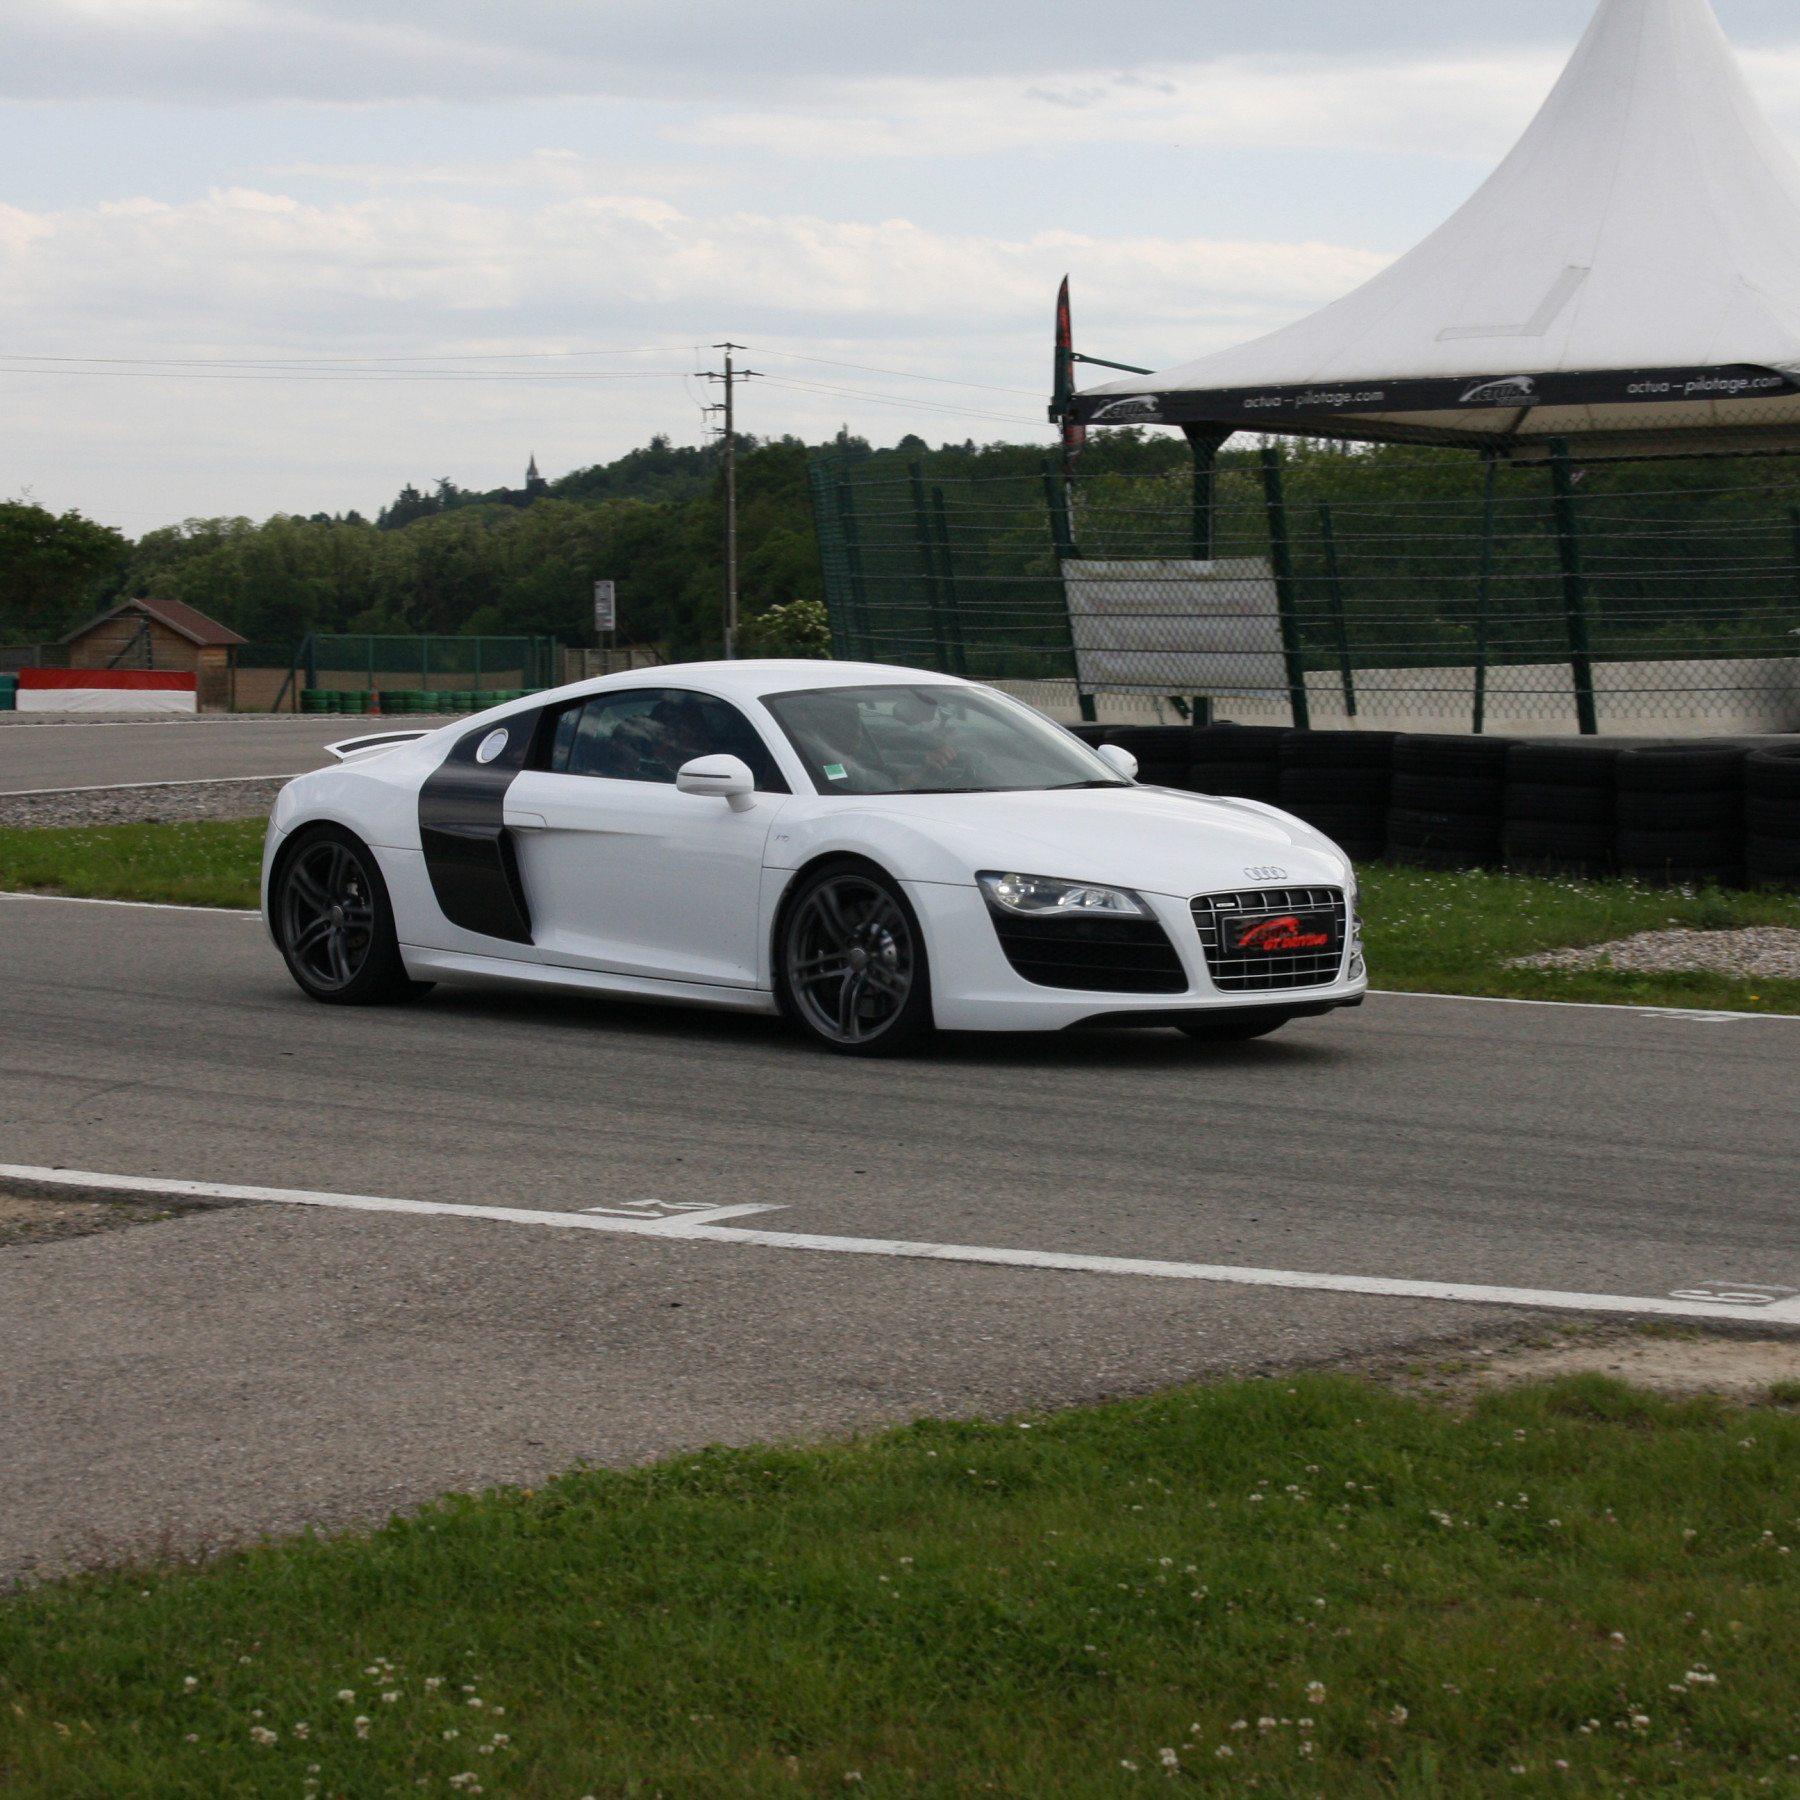 Guida una Audi R8 V10 da 99 € - Castelletto di Branduzzo